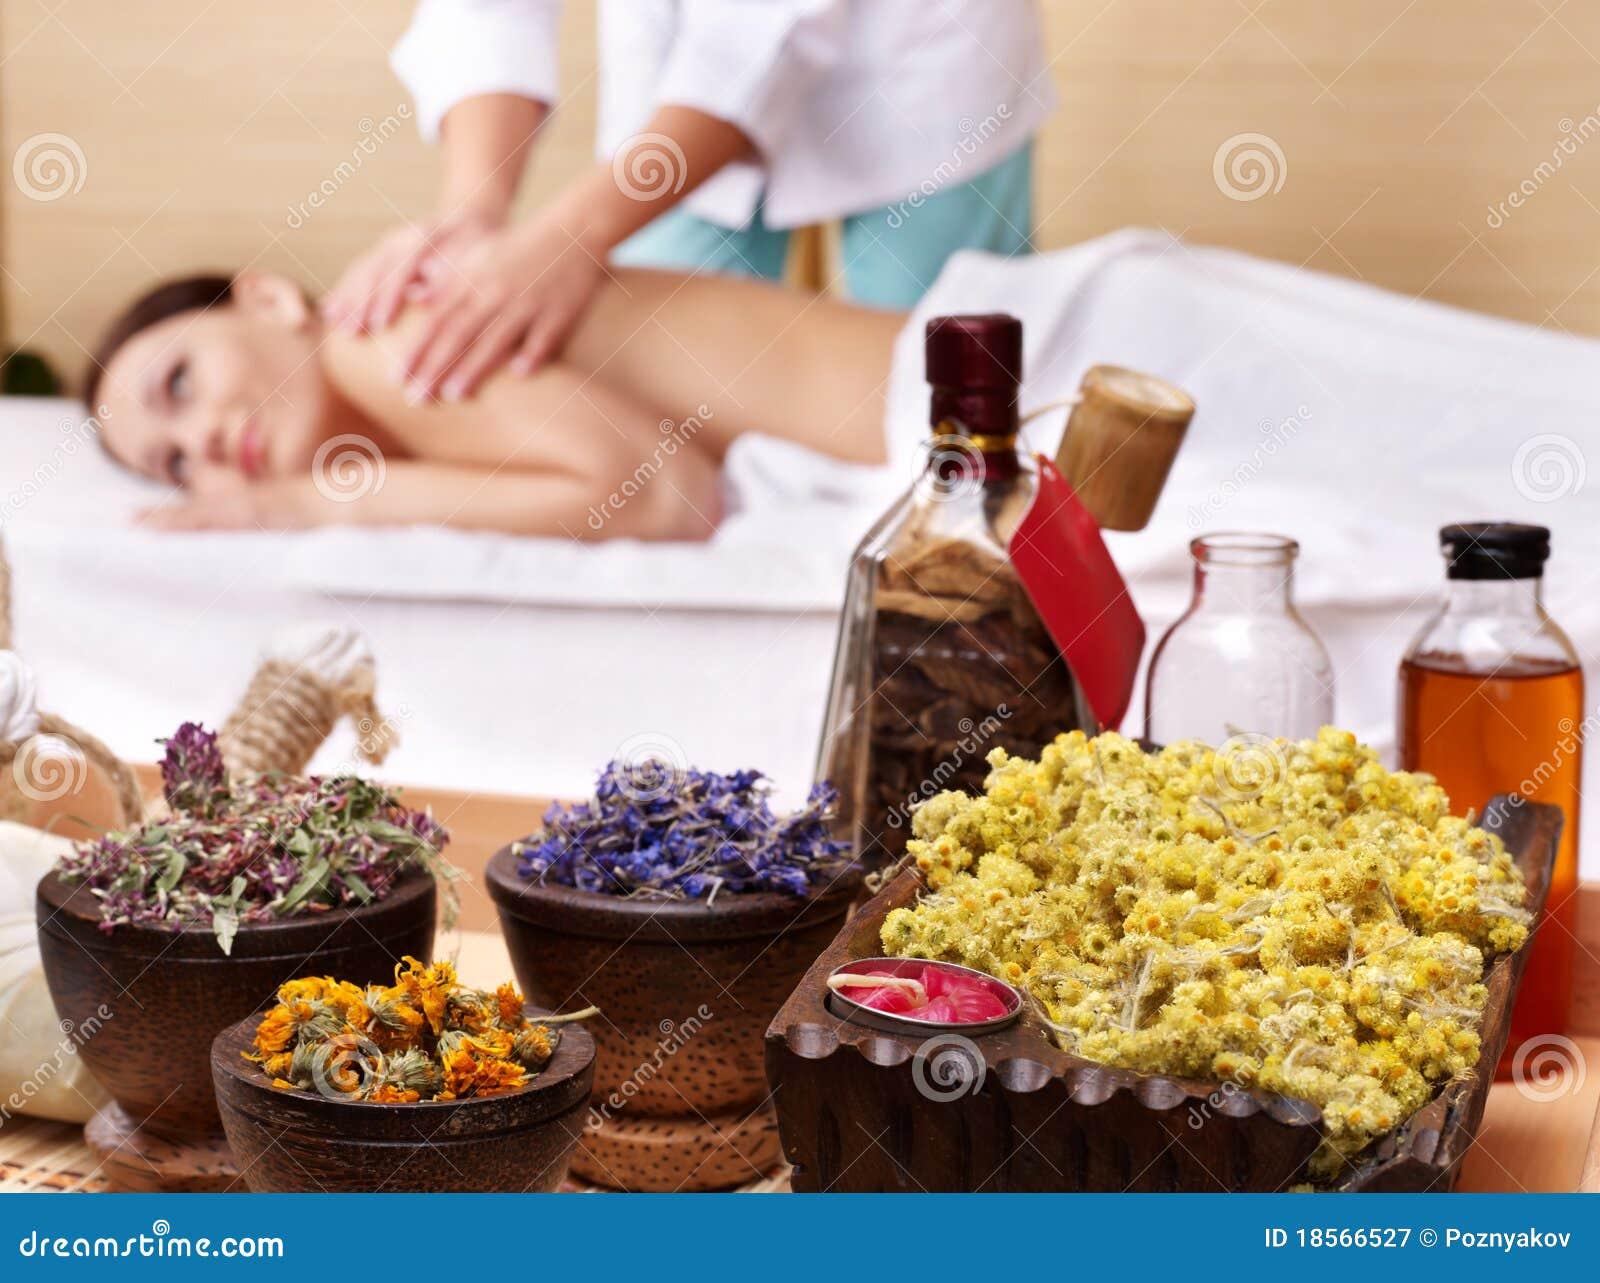 Desnuda durante un masaje - Pornes